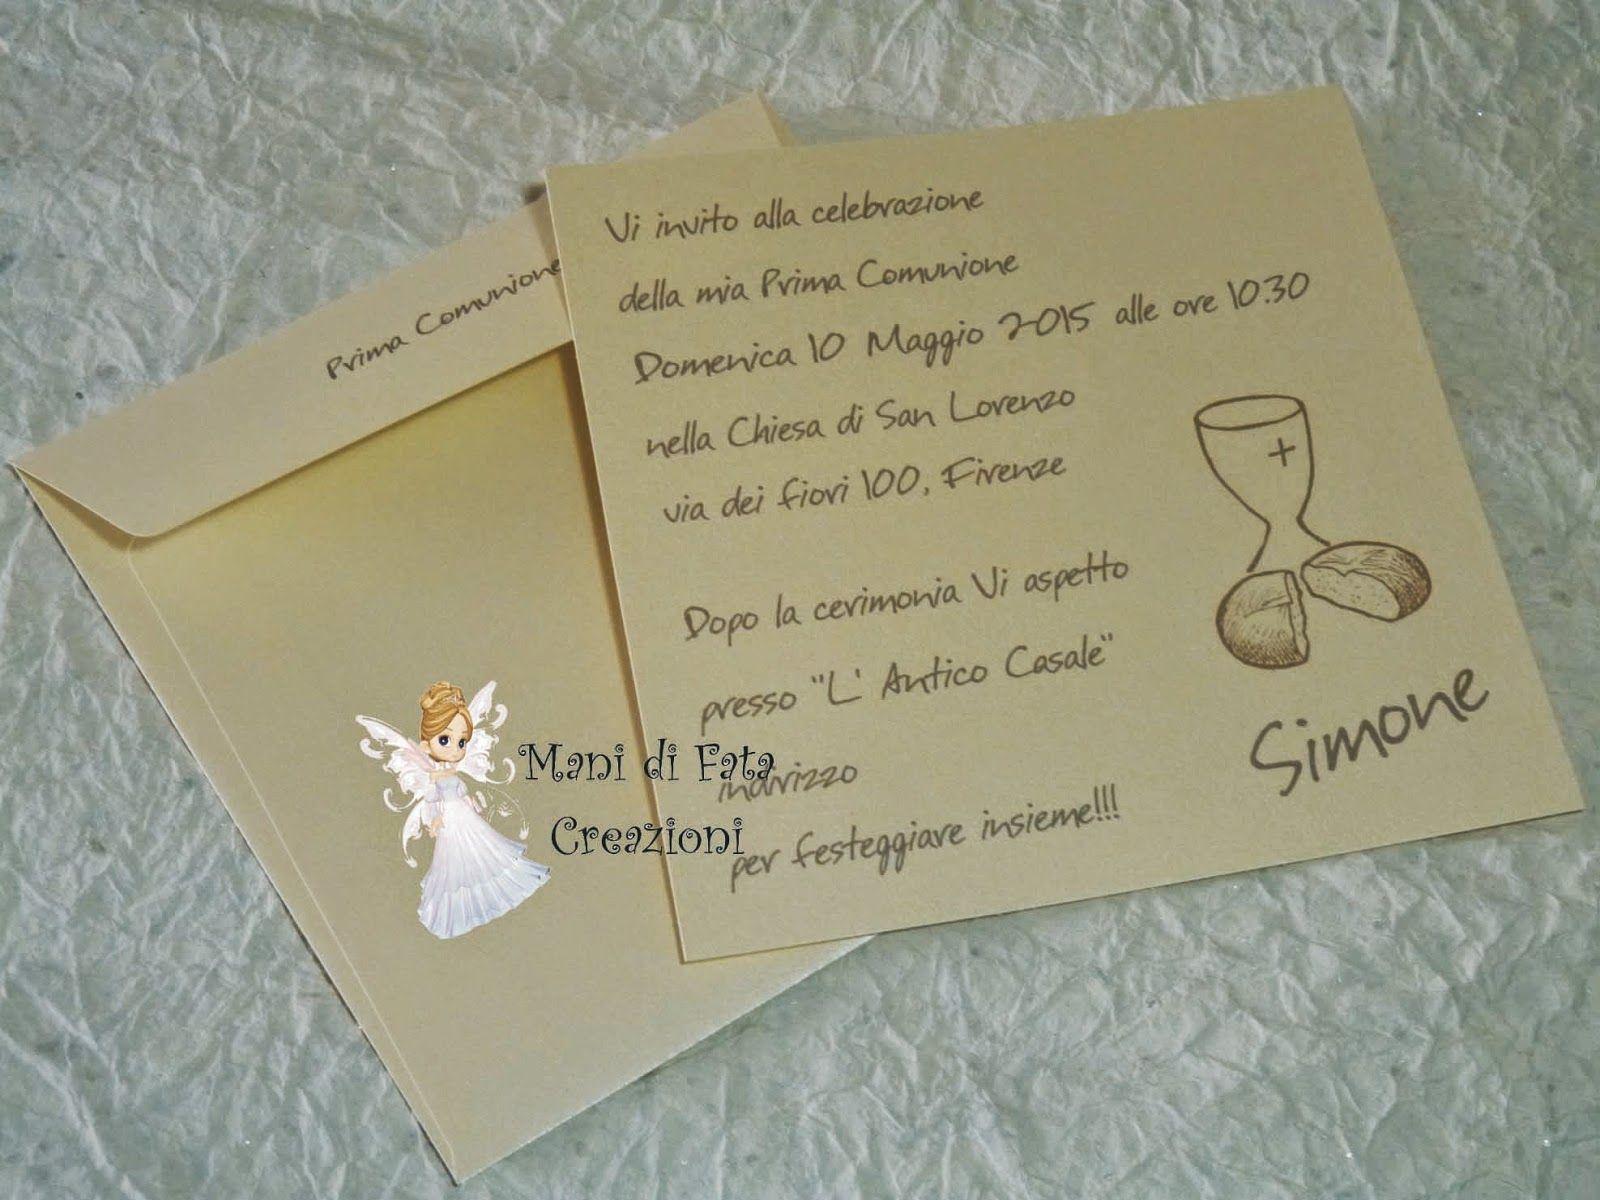 9c524be17a7f1e6114ff3402c96e07a5 Jpg 1600 1200 Comunione Prima Comunione Festa Per La Prima Comunione